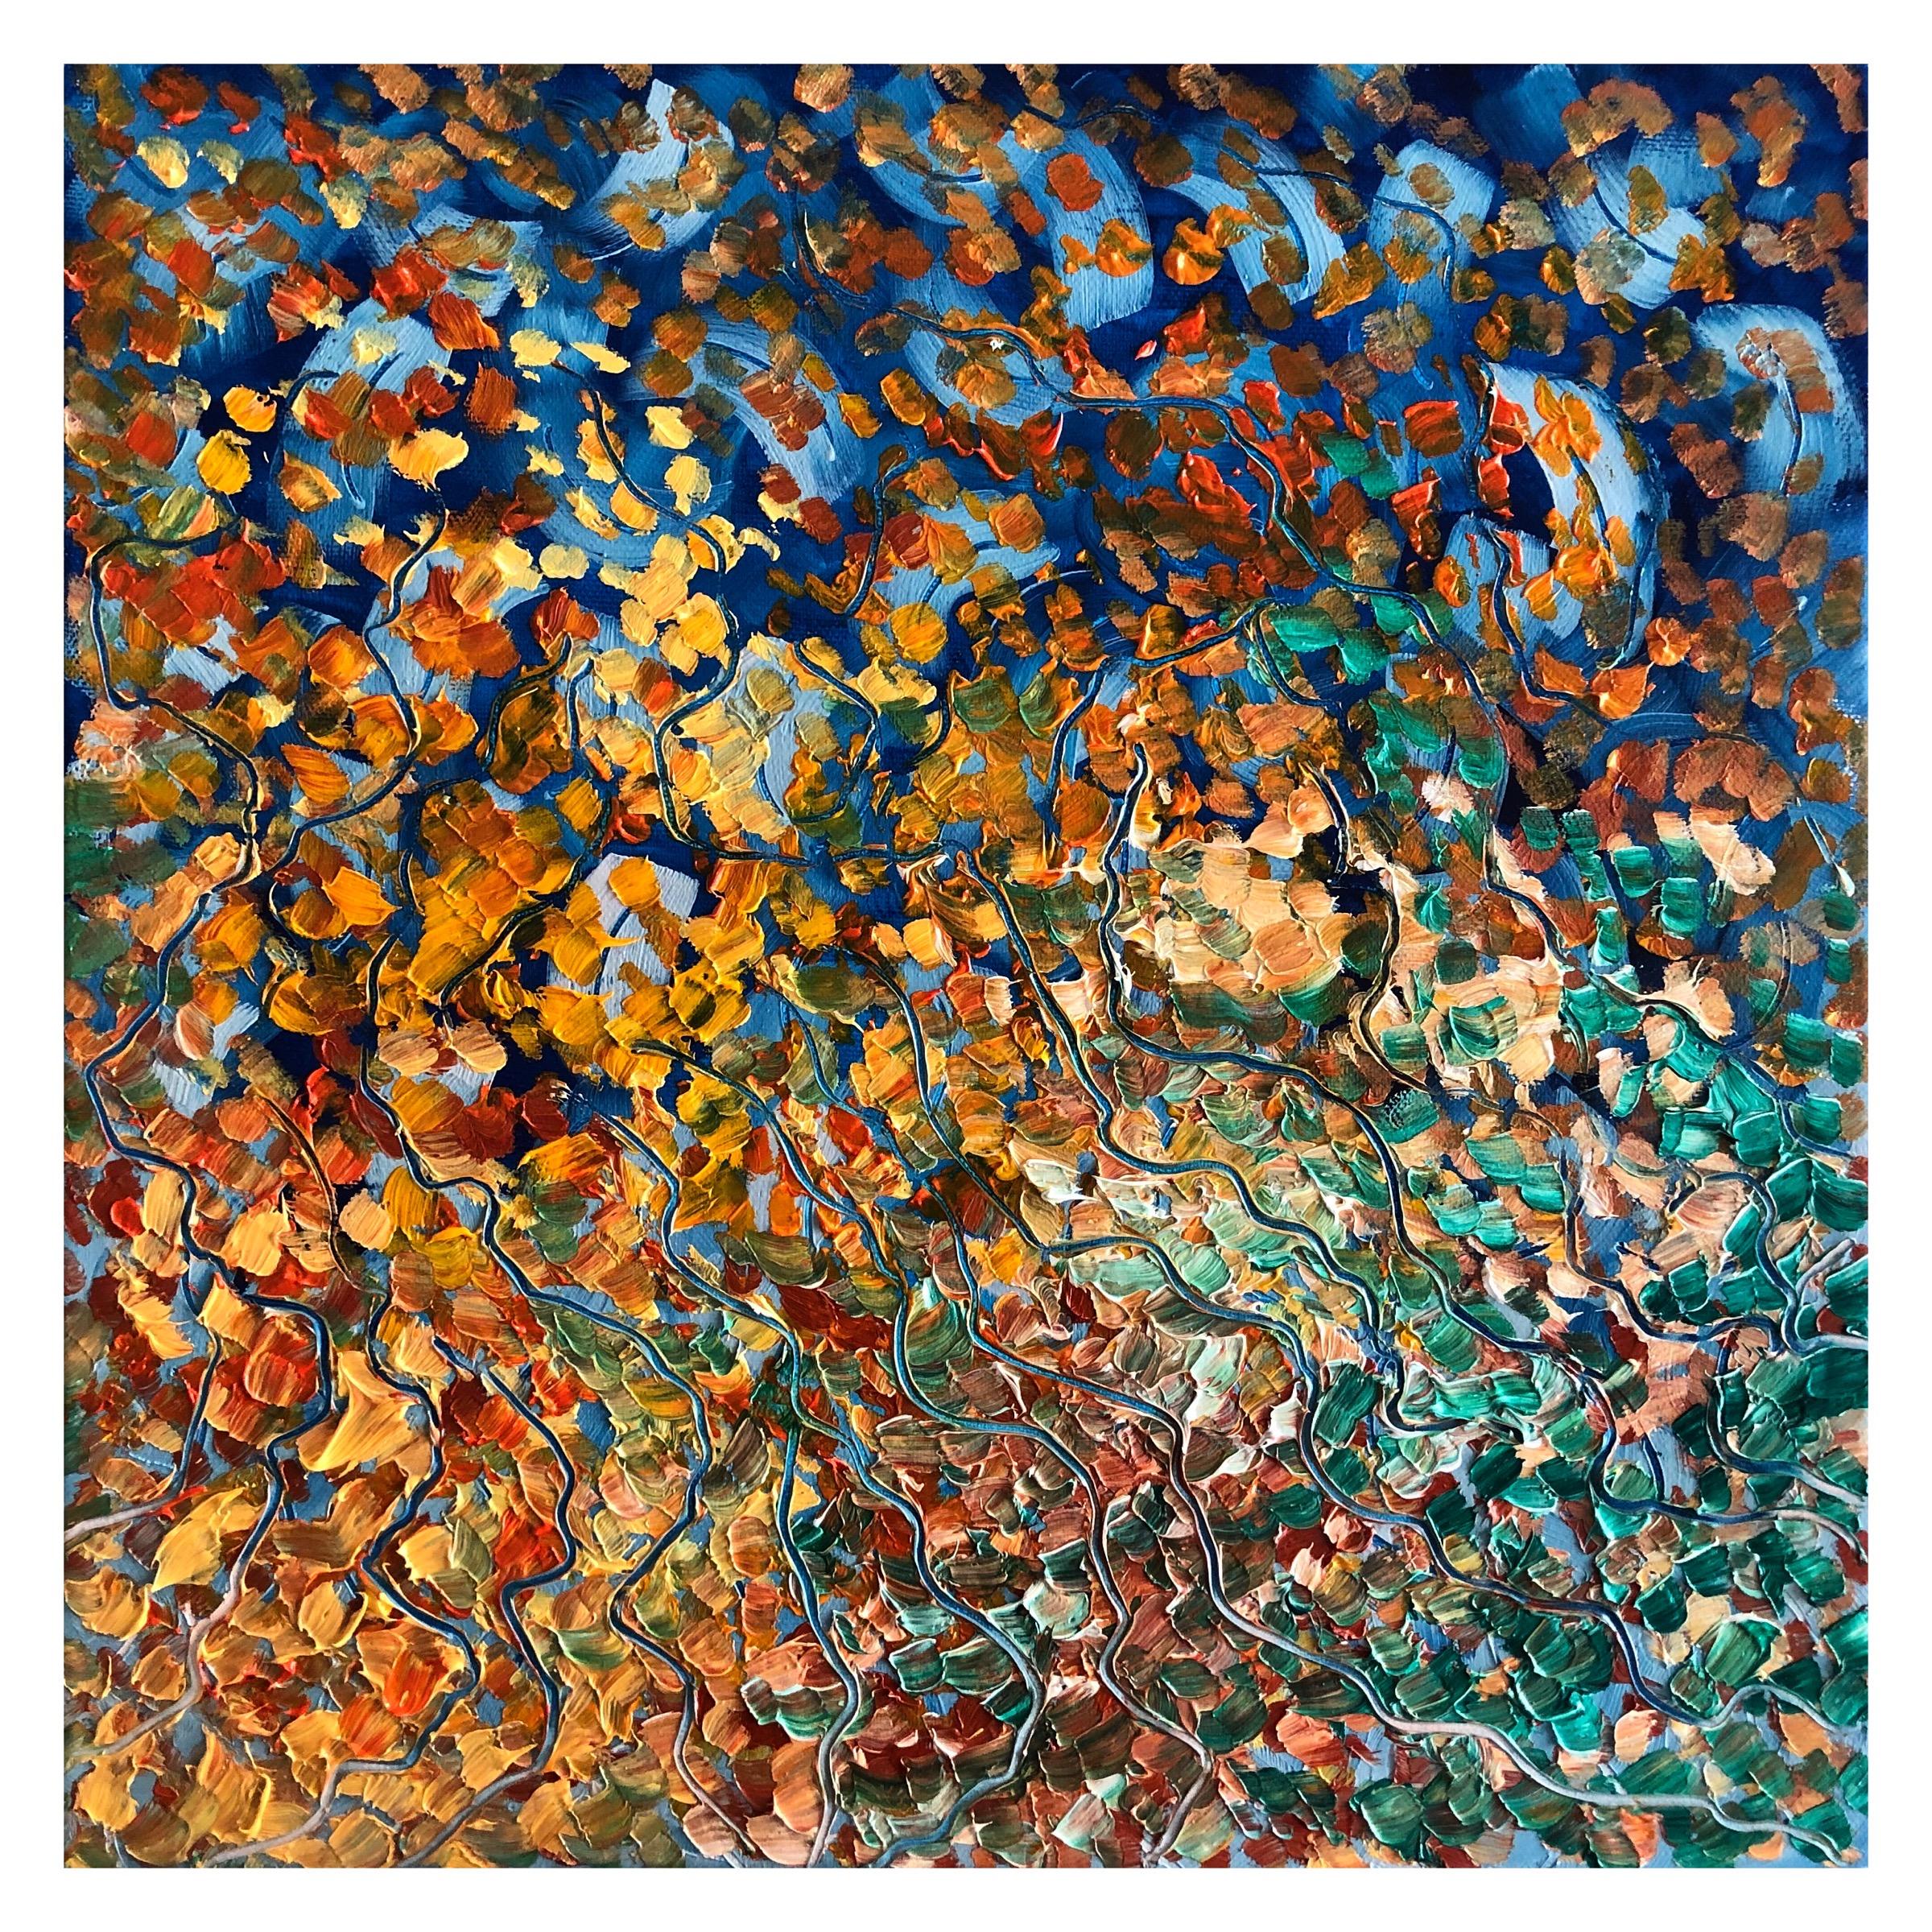 Autumn (2019), oil on canvas, 40 x 40 cm